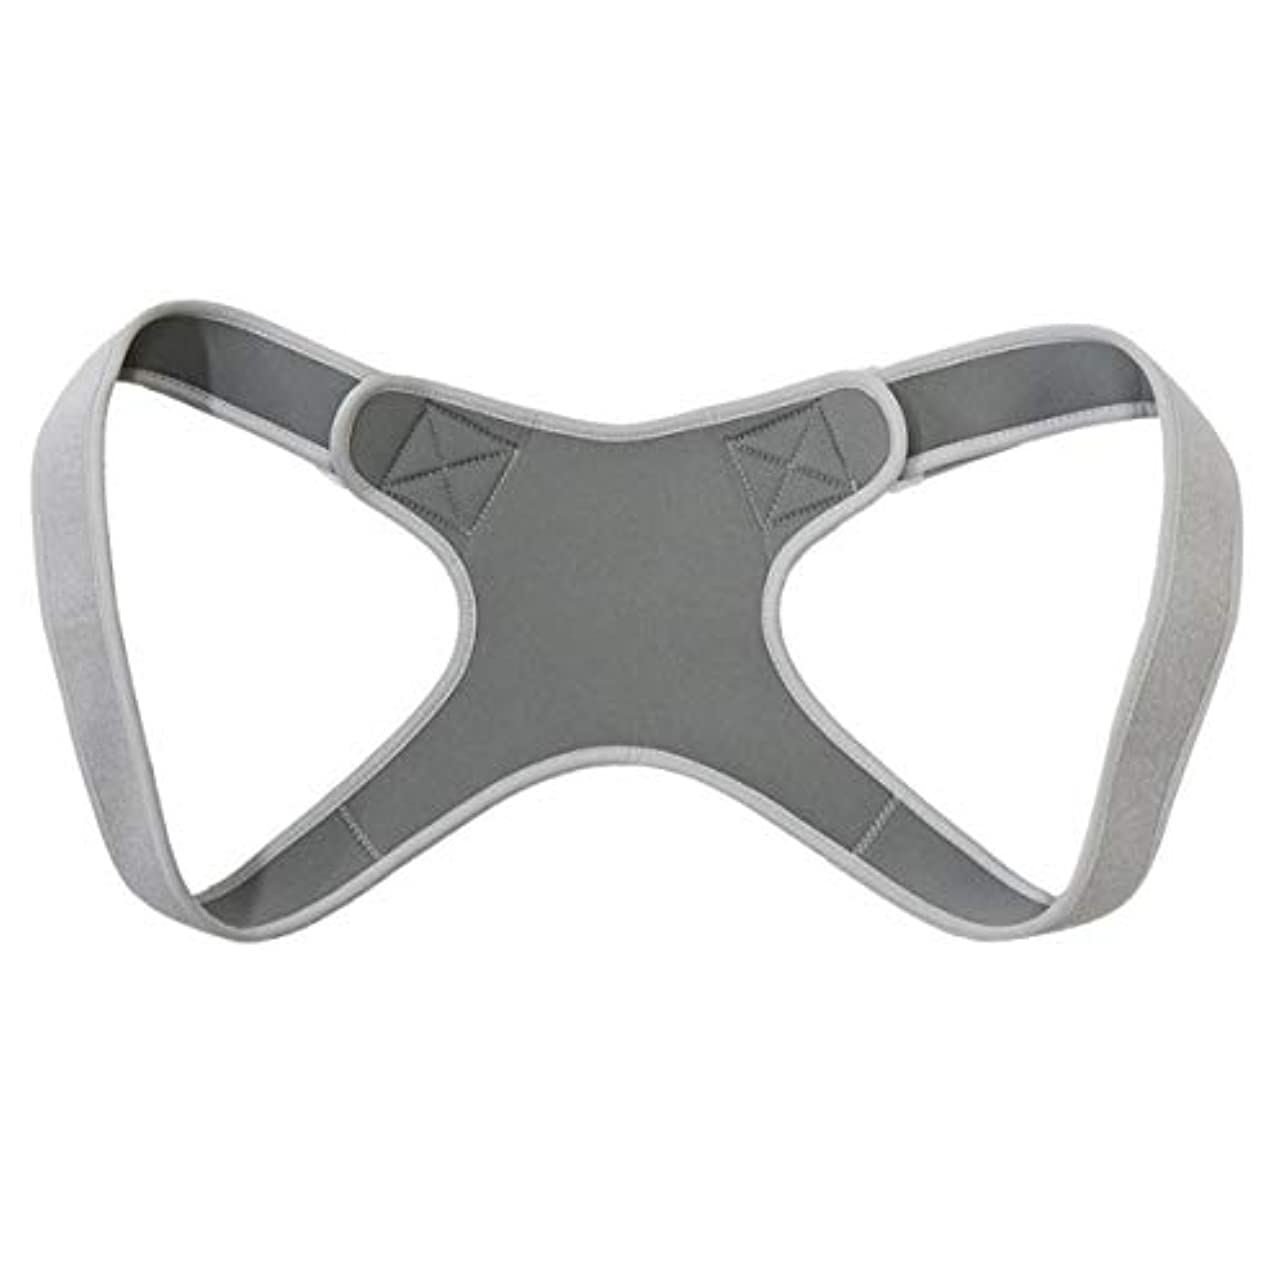 望まない存在する構成新しいアッパーバックポスチャーコレクター姿勢鎖骨サポートコレクターバックストレートショルダーブレースストラップコレクター - グレー